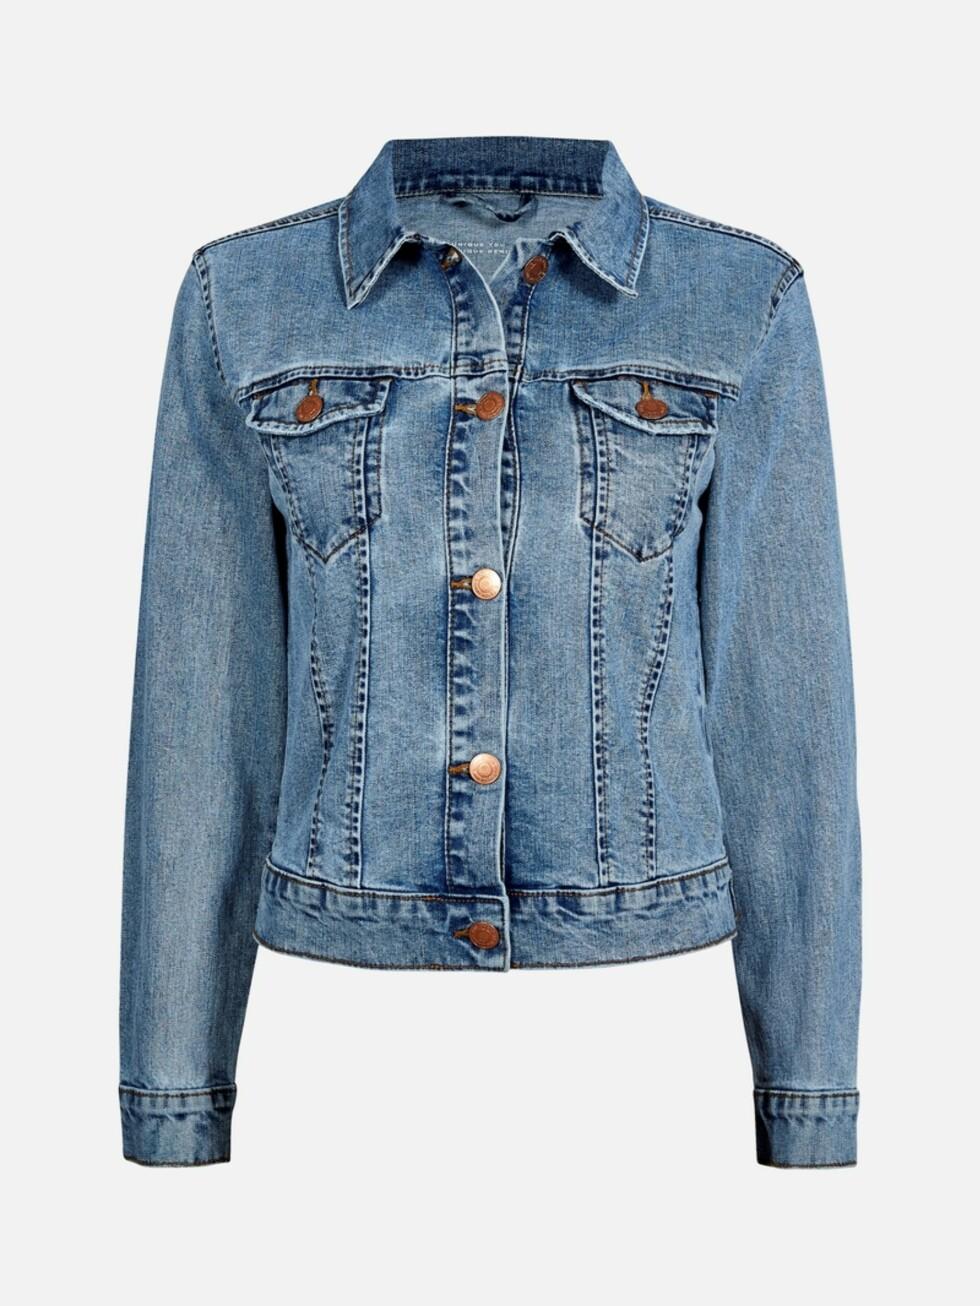 Jakke fra Cubus | kr 199 | https://cubus.com/no/outerwear/jakke/7195937_F550#